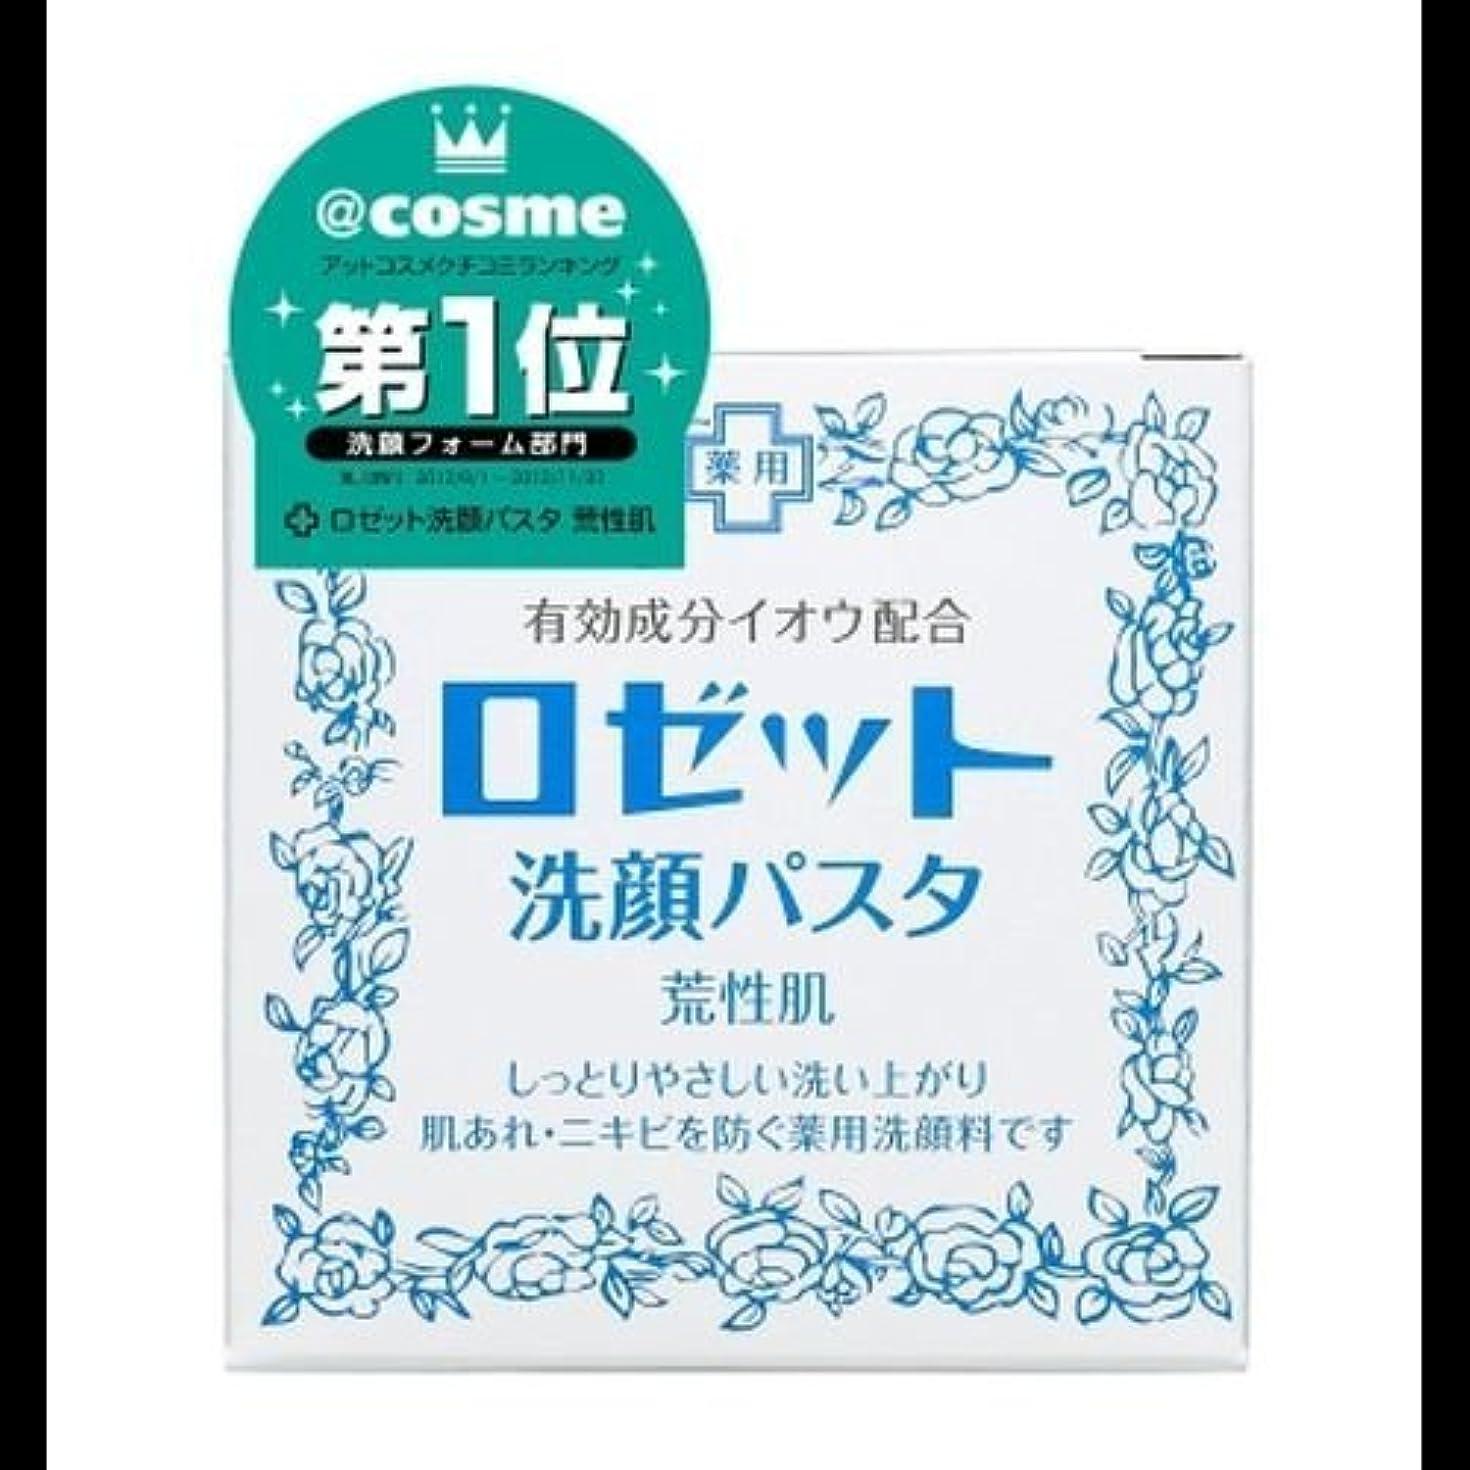 撤回する汚れたフルーツ【まとめ買い】ロゼット 洗顔パスタ 荒性90g ×2セット